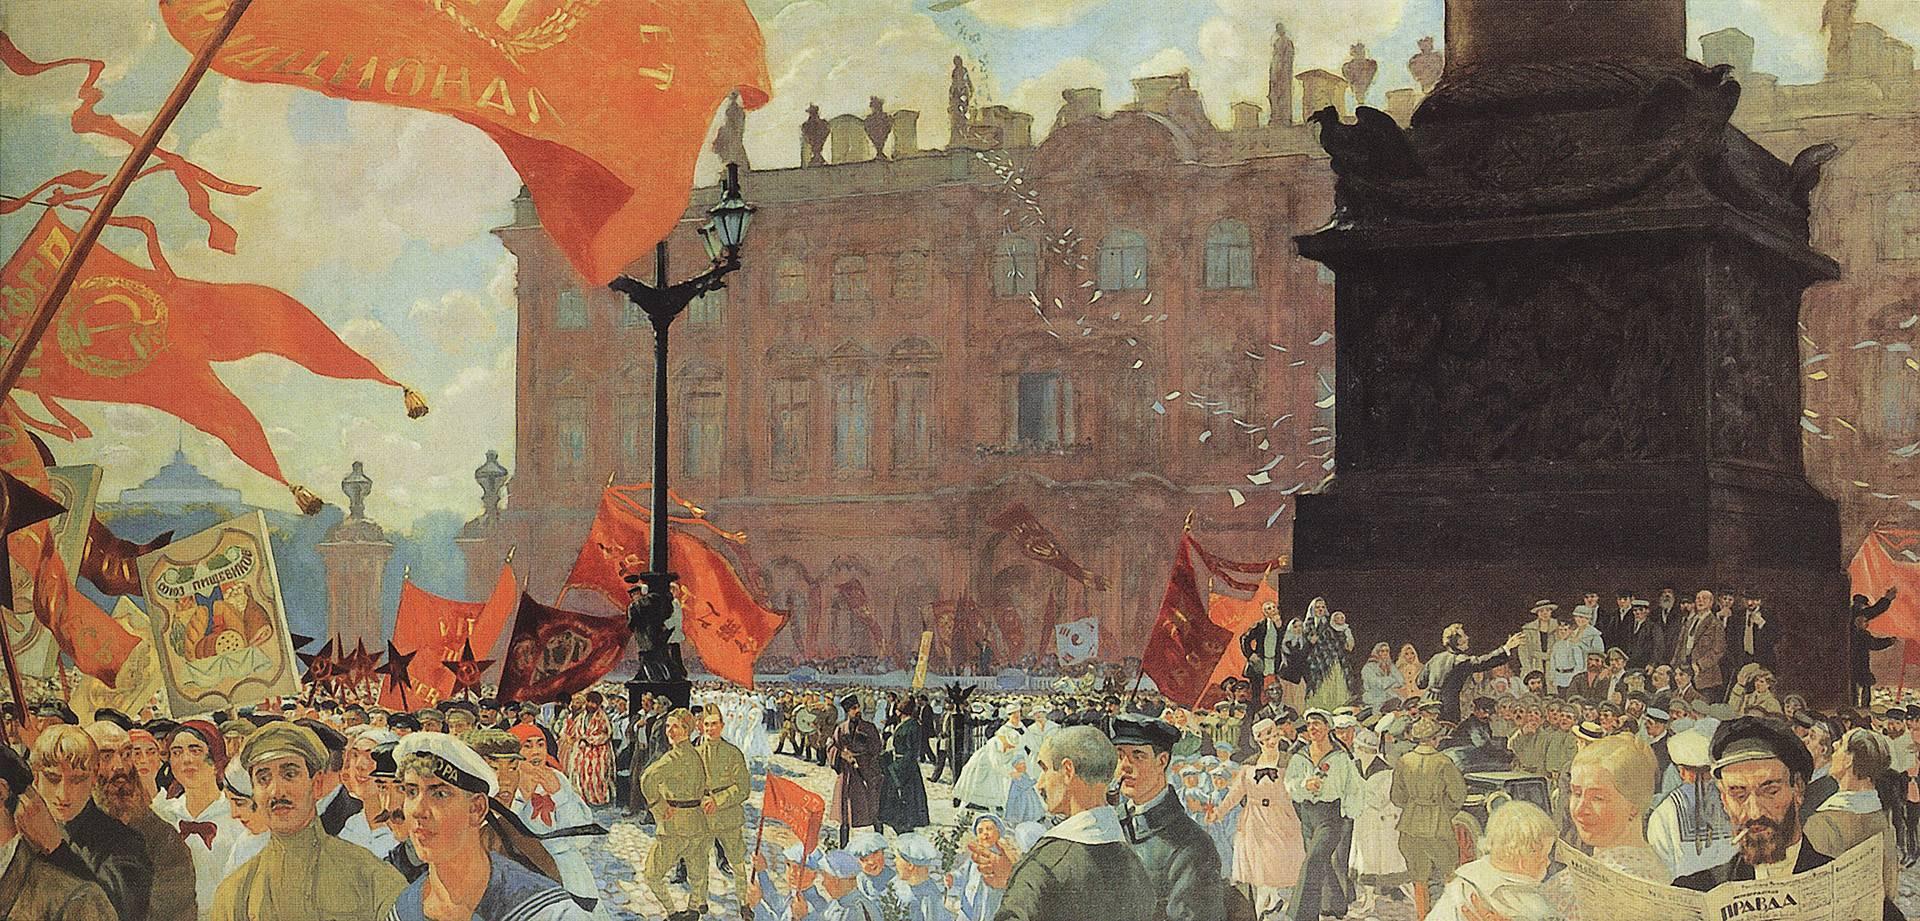 Борис Кустодиев. Праздник в честь открытия II конгресса Коминтерна 19 июля 1920 года. Демонстрация на площади Урицкого. 1921